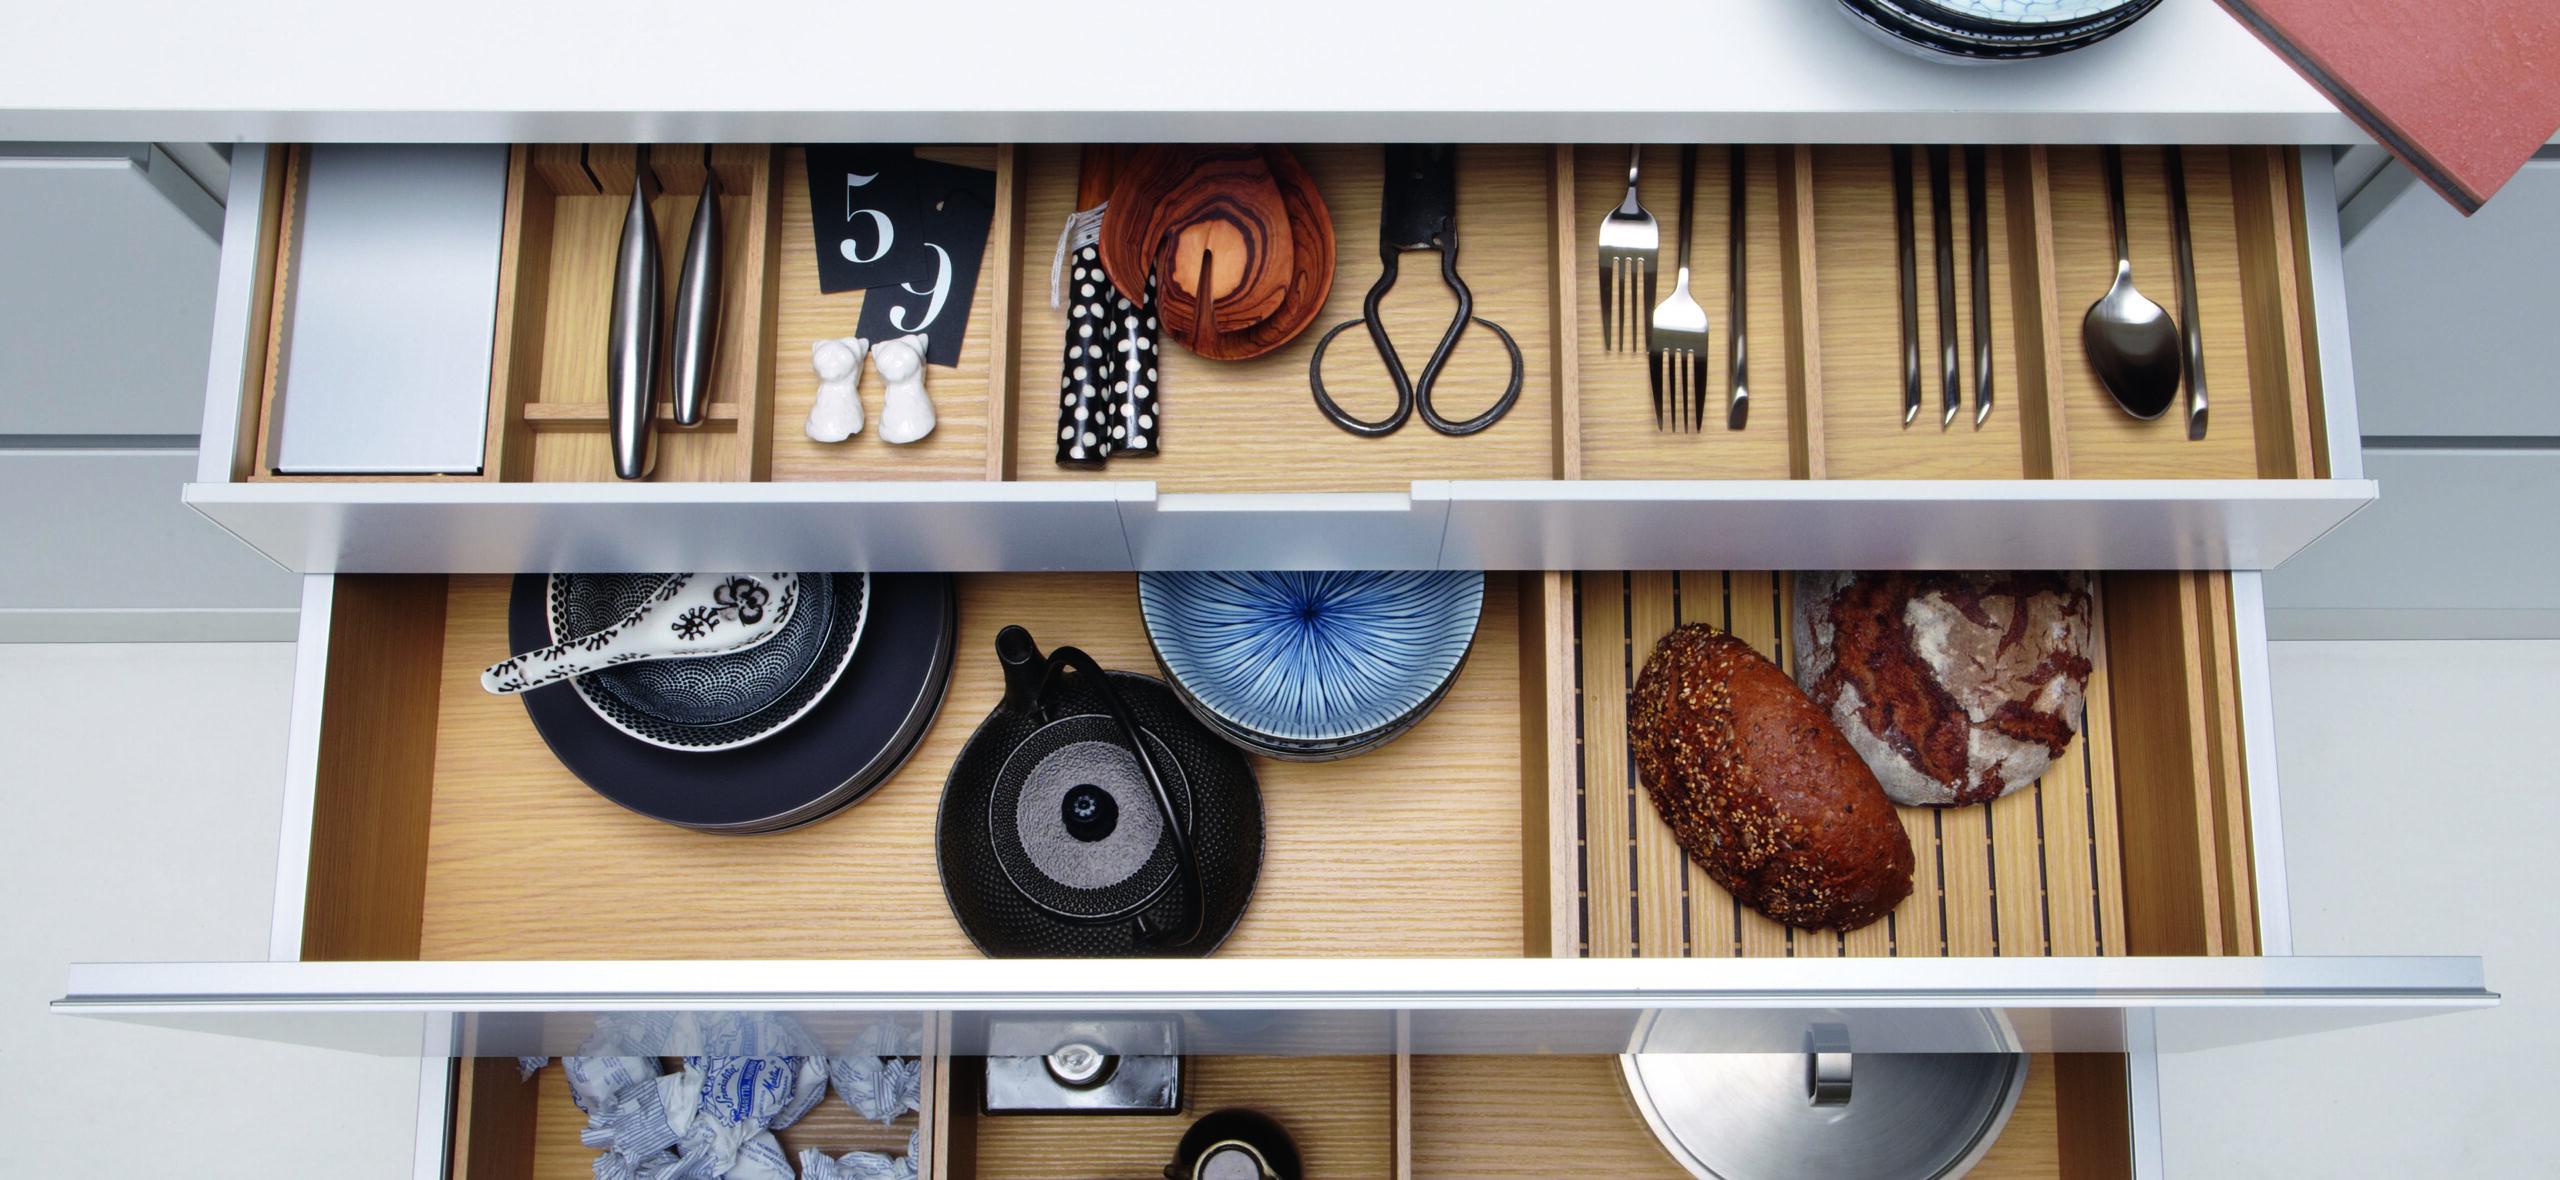 Full Size of Küchenkarussell Zubehr Ausstattungsideen Fr Ihre Kche Marquardt Kchen Wohnzimmer Küchenkarussell